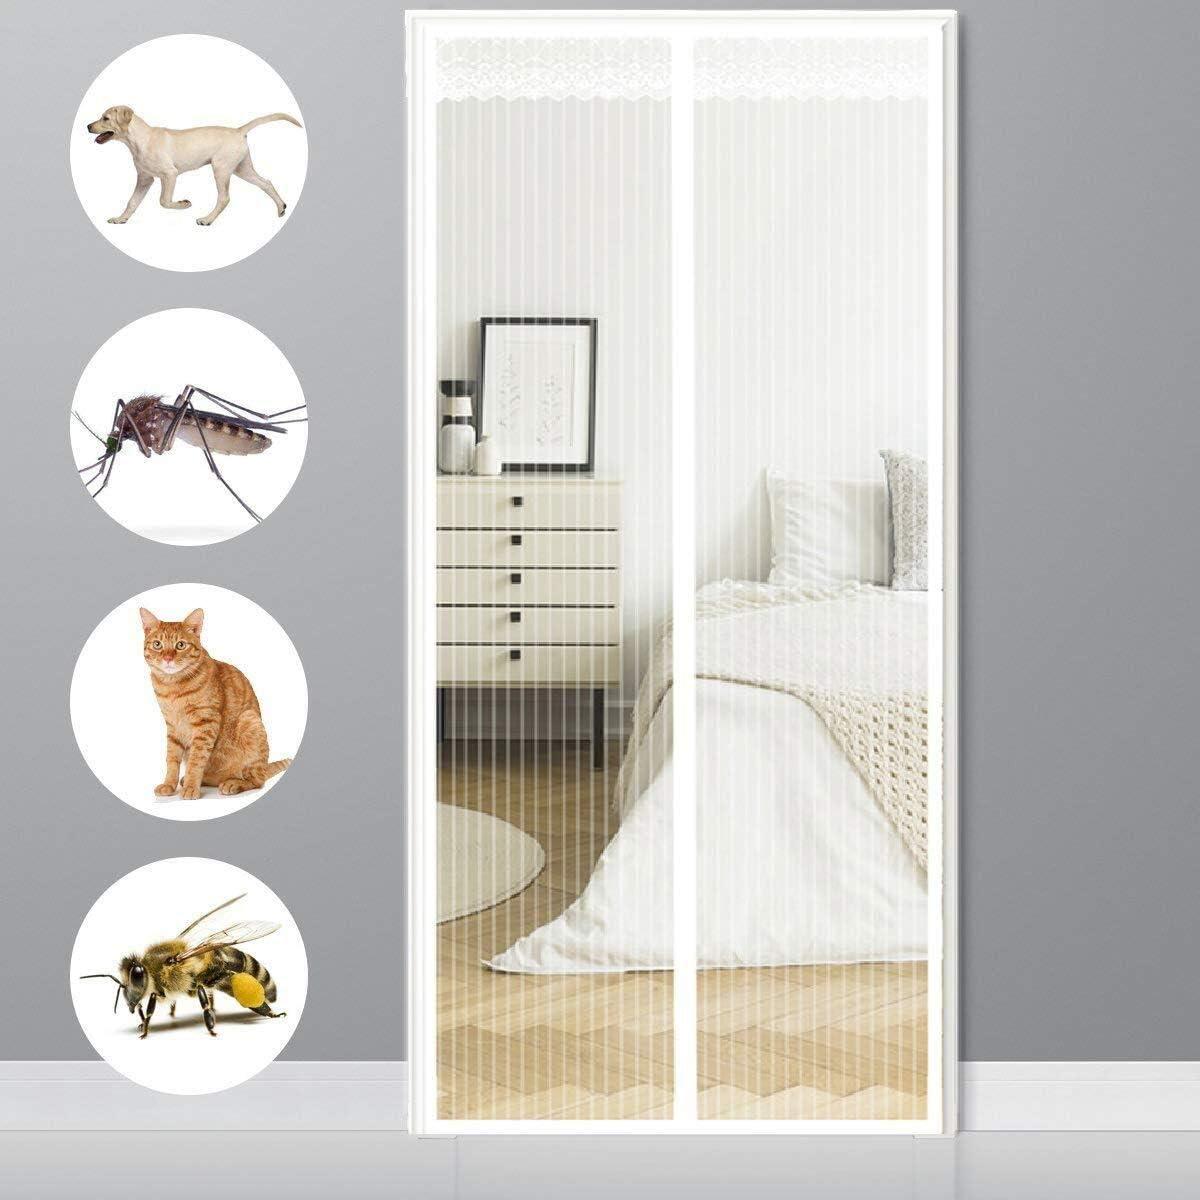 Imanes de malla for las puertas de patio, mantener los insectos fuera de la pantalla del mosquito de la puerta, cierre automático, fácil de instalar, for el balcón corredizas Sala de estar Cuarto de n